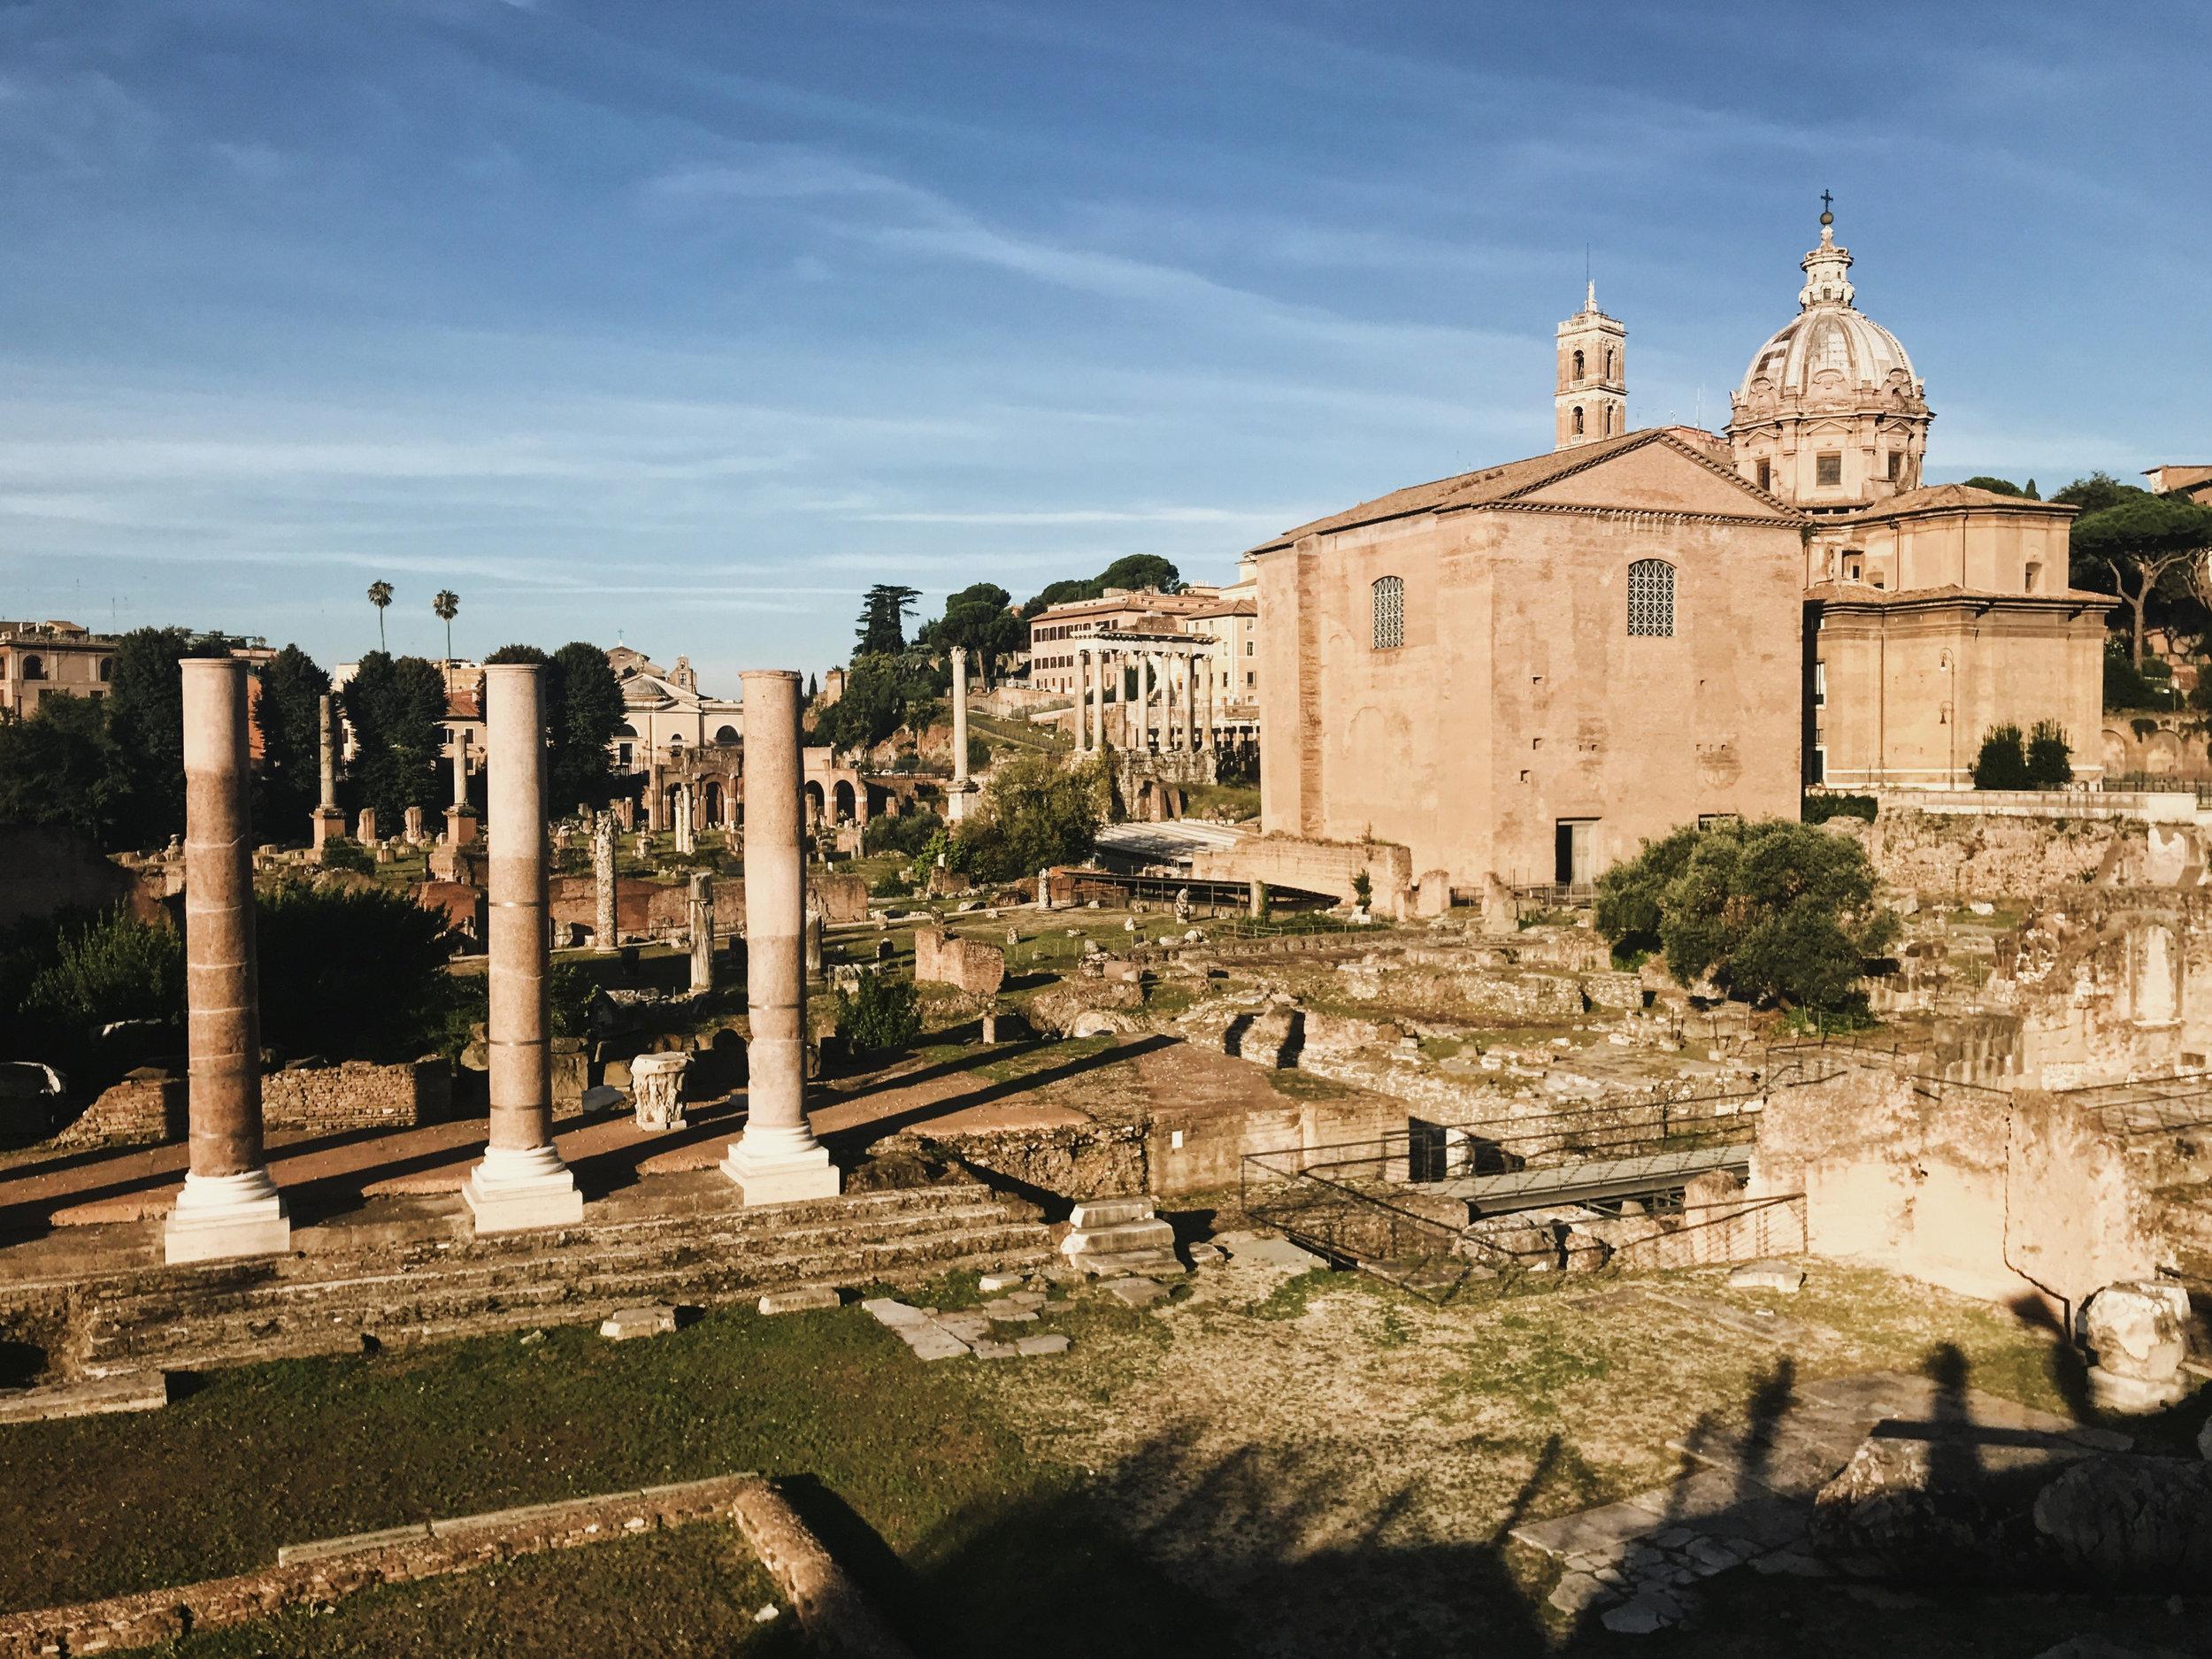 Italy-Positano-Rome-Amalfi-Coast-Lena-Mirisola-11.JPG